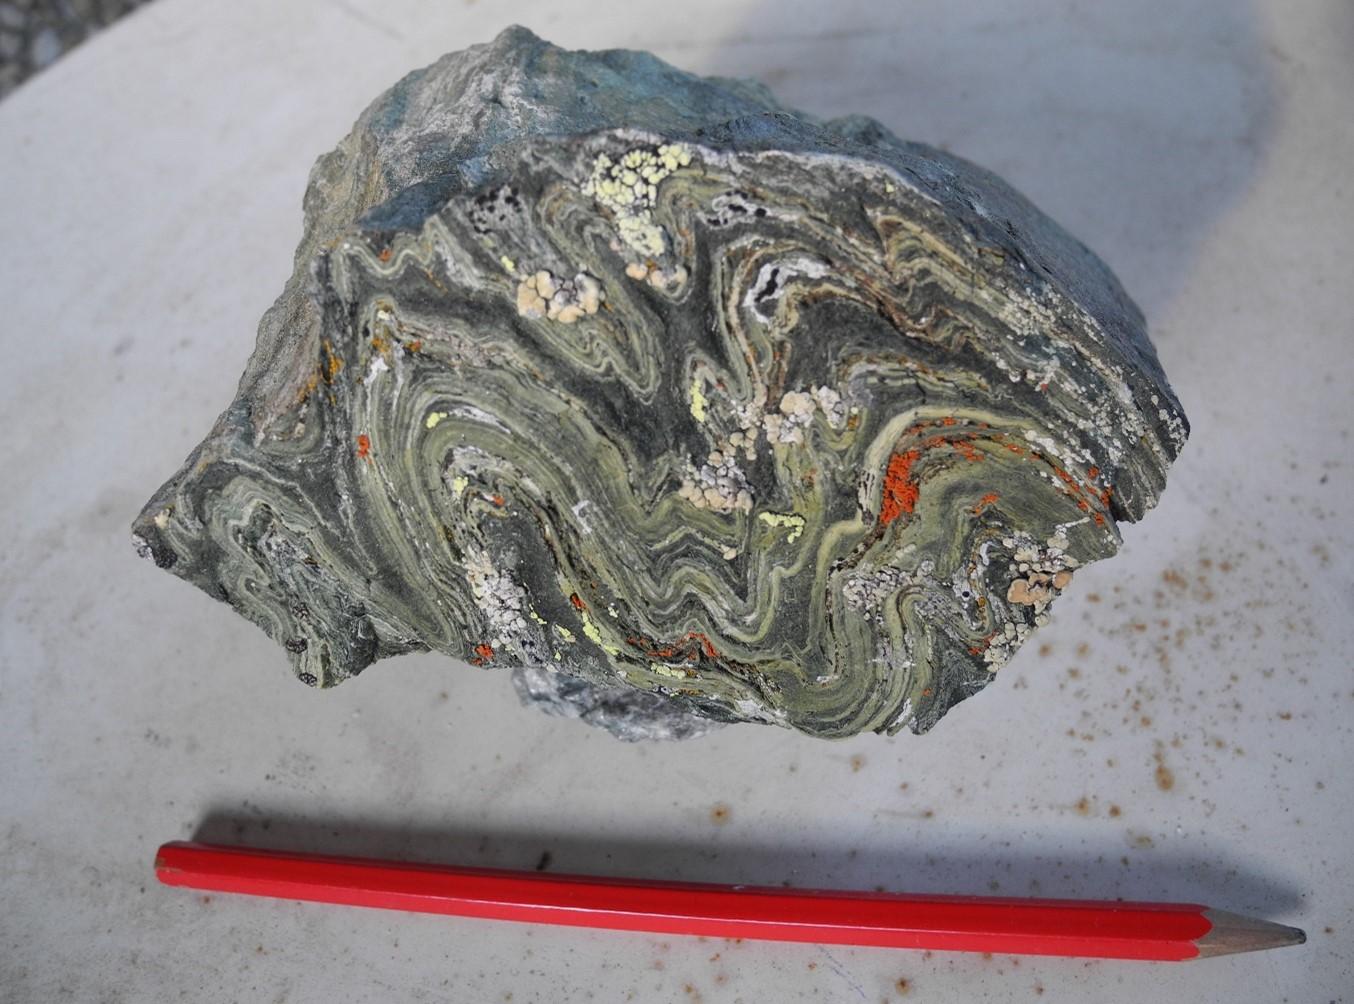 In Form von Gesteinsproben haben die Expeditionsteilnehmer ein Stück des alpinen Ozeans nach Hause gebracht